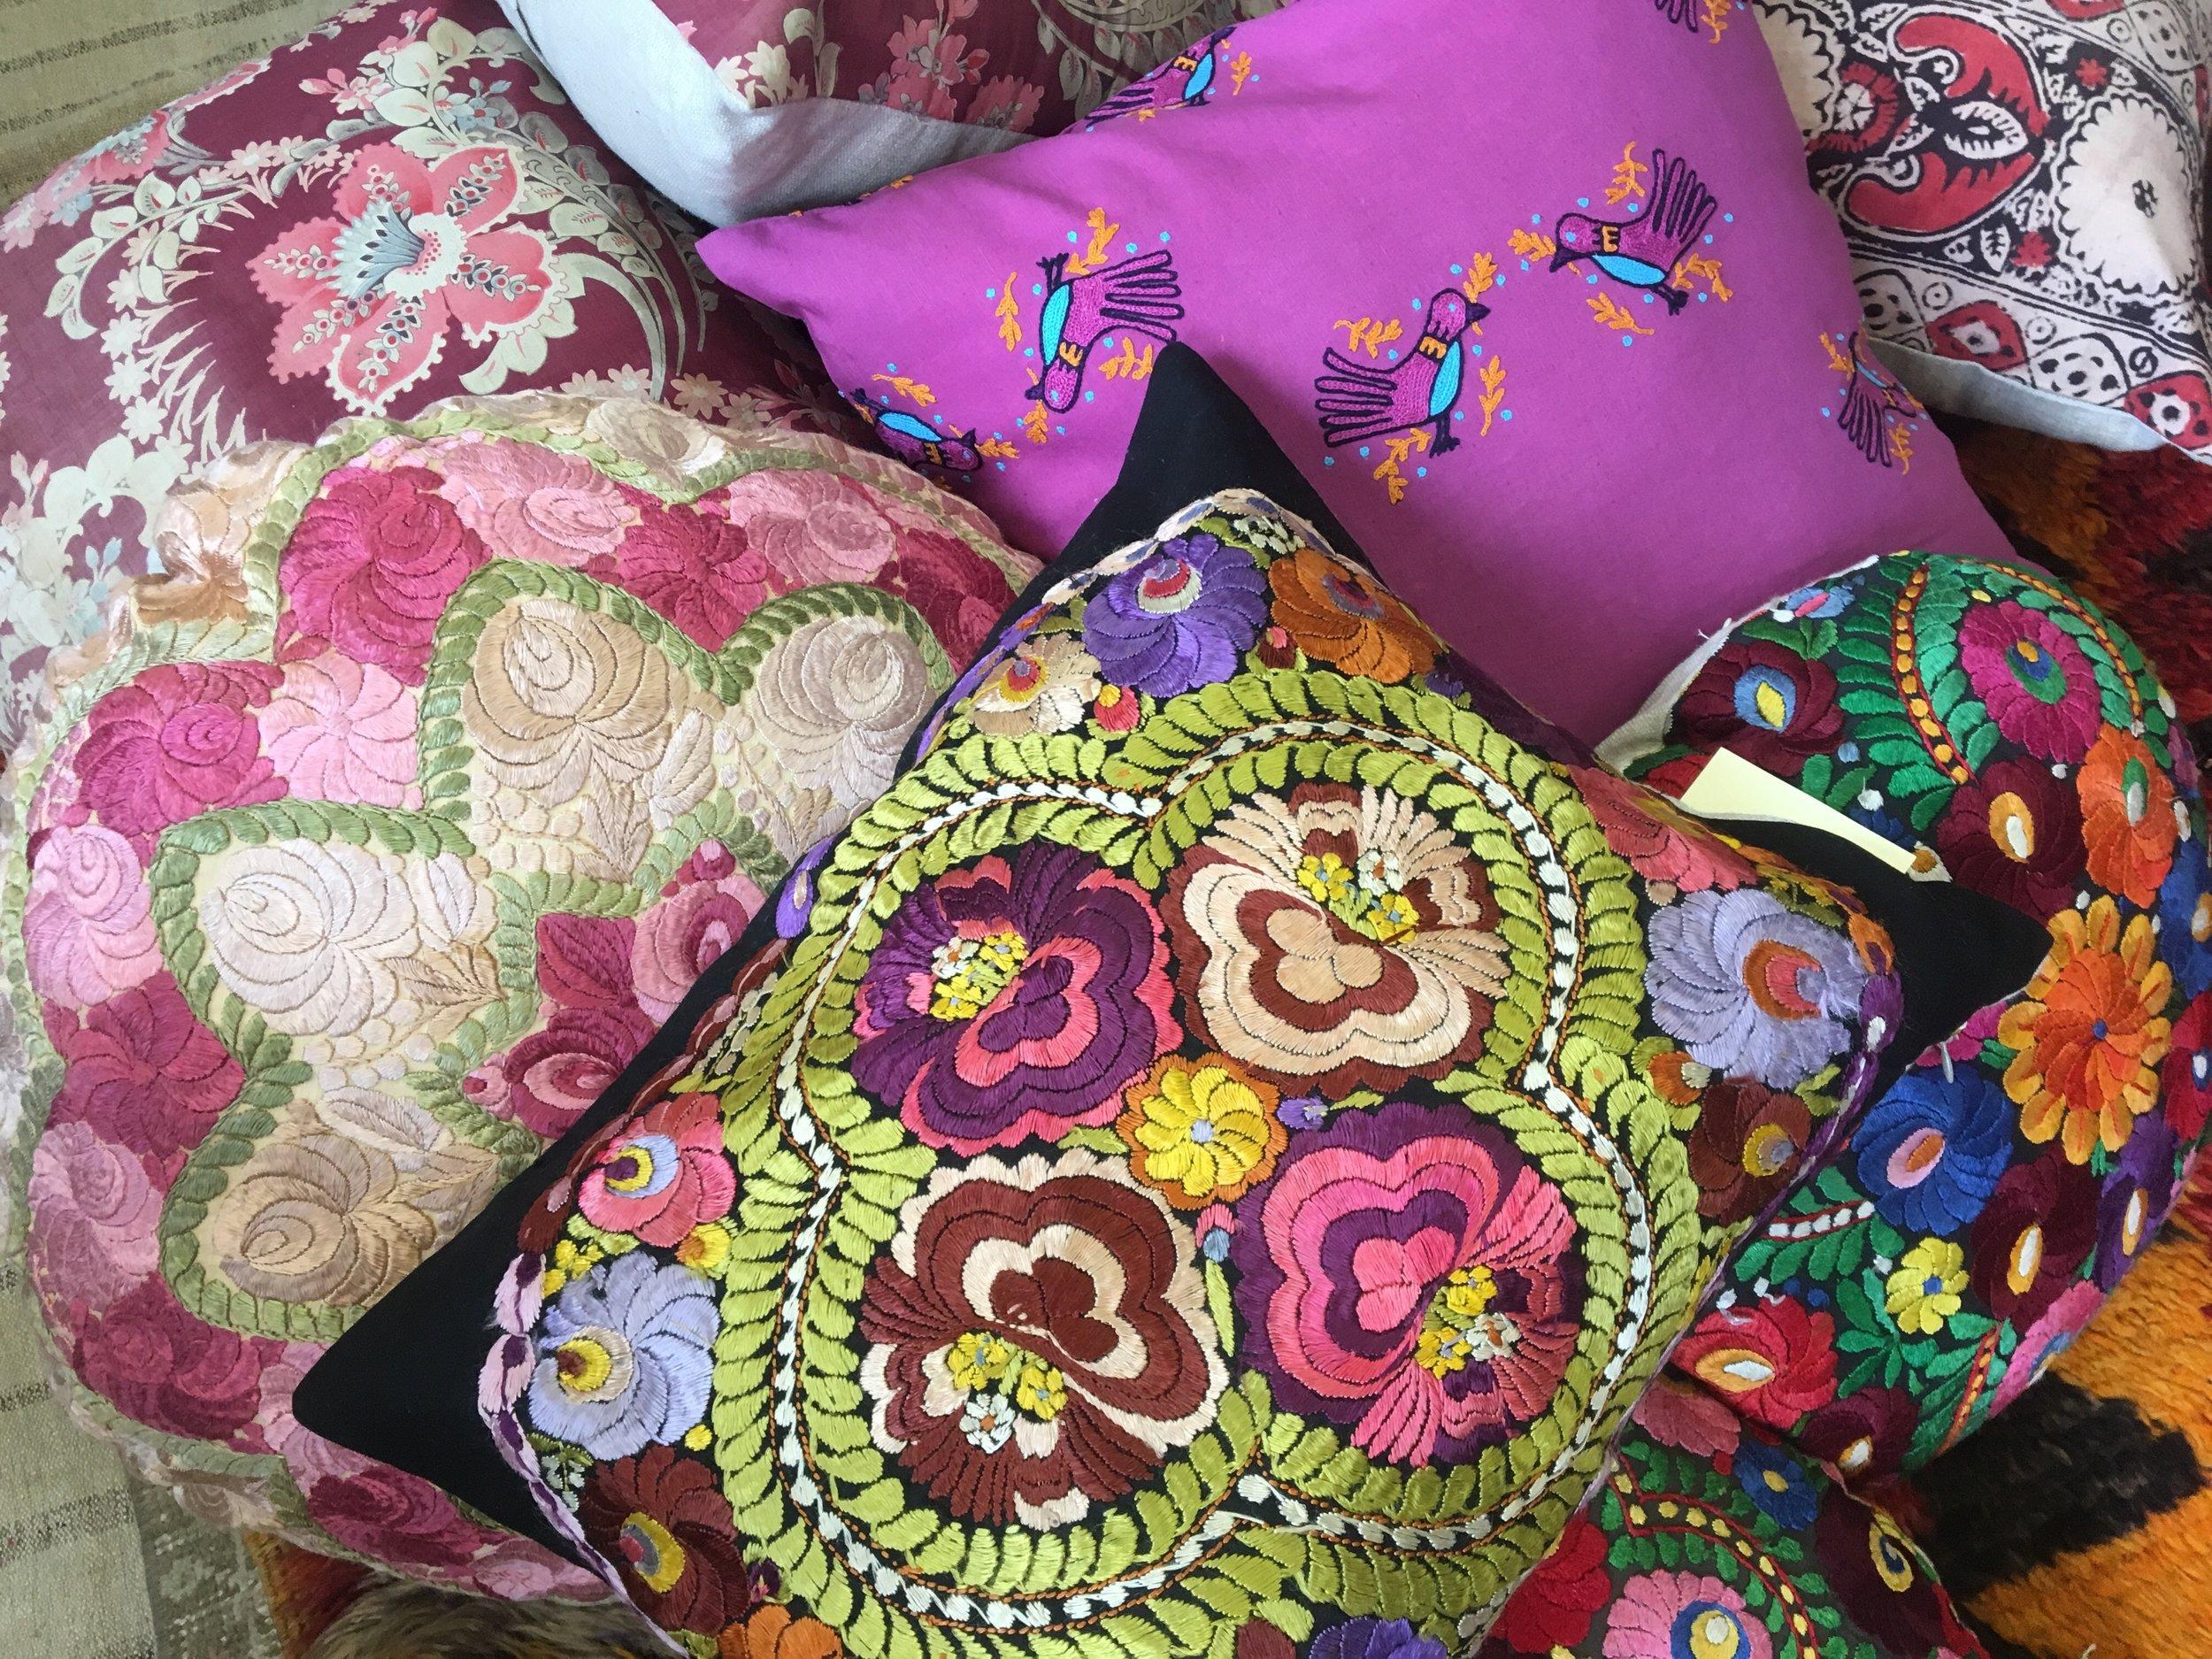 Vintage pillows.jpg